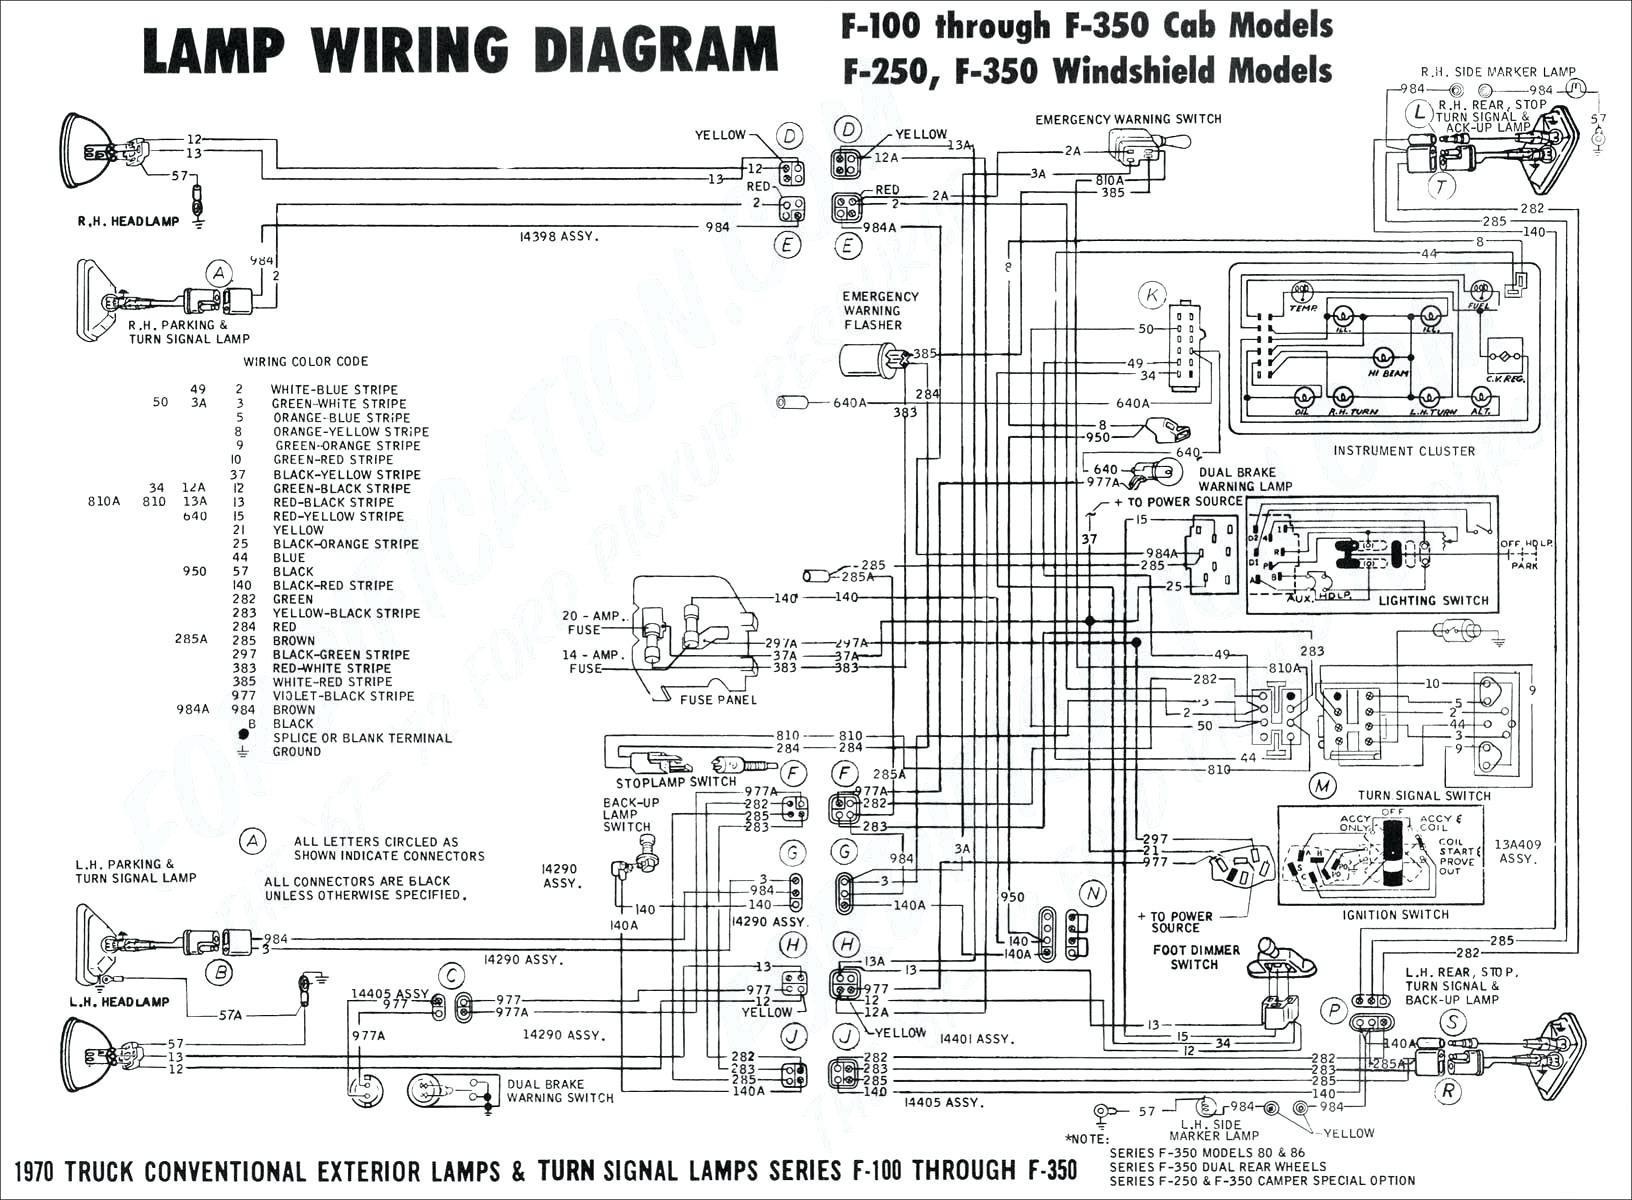 Wiring Diagram for 1986 Club Car Suzuki Dt40 Wiring Diagram Of Wiring Diagram for 1986 Club Car